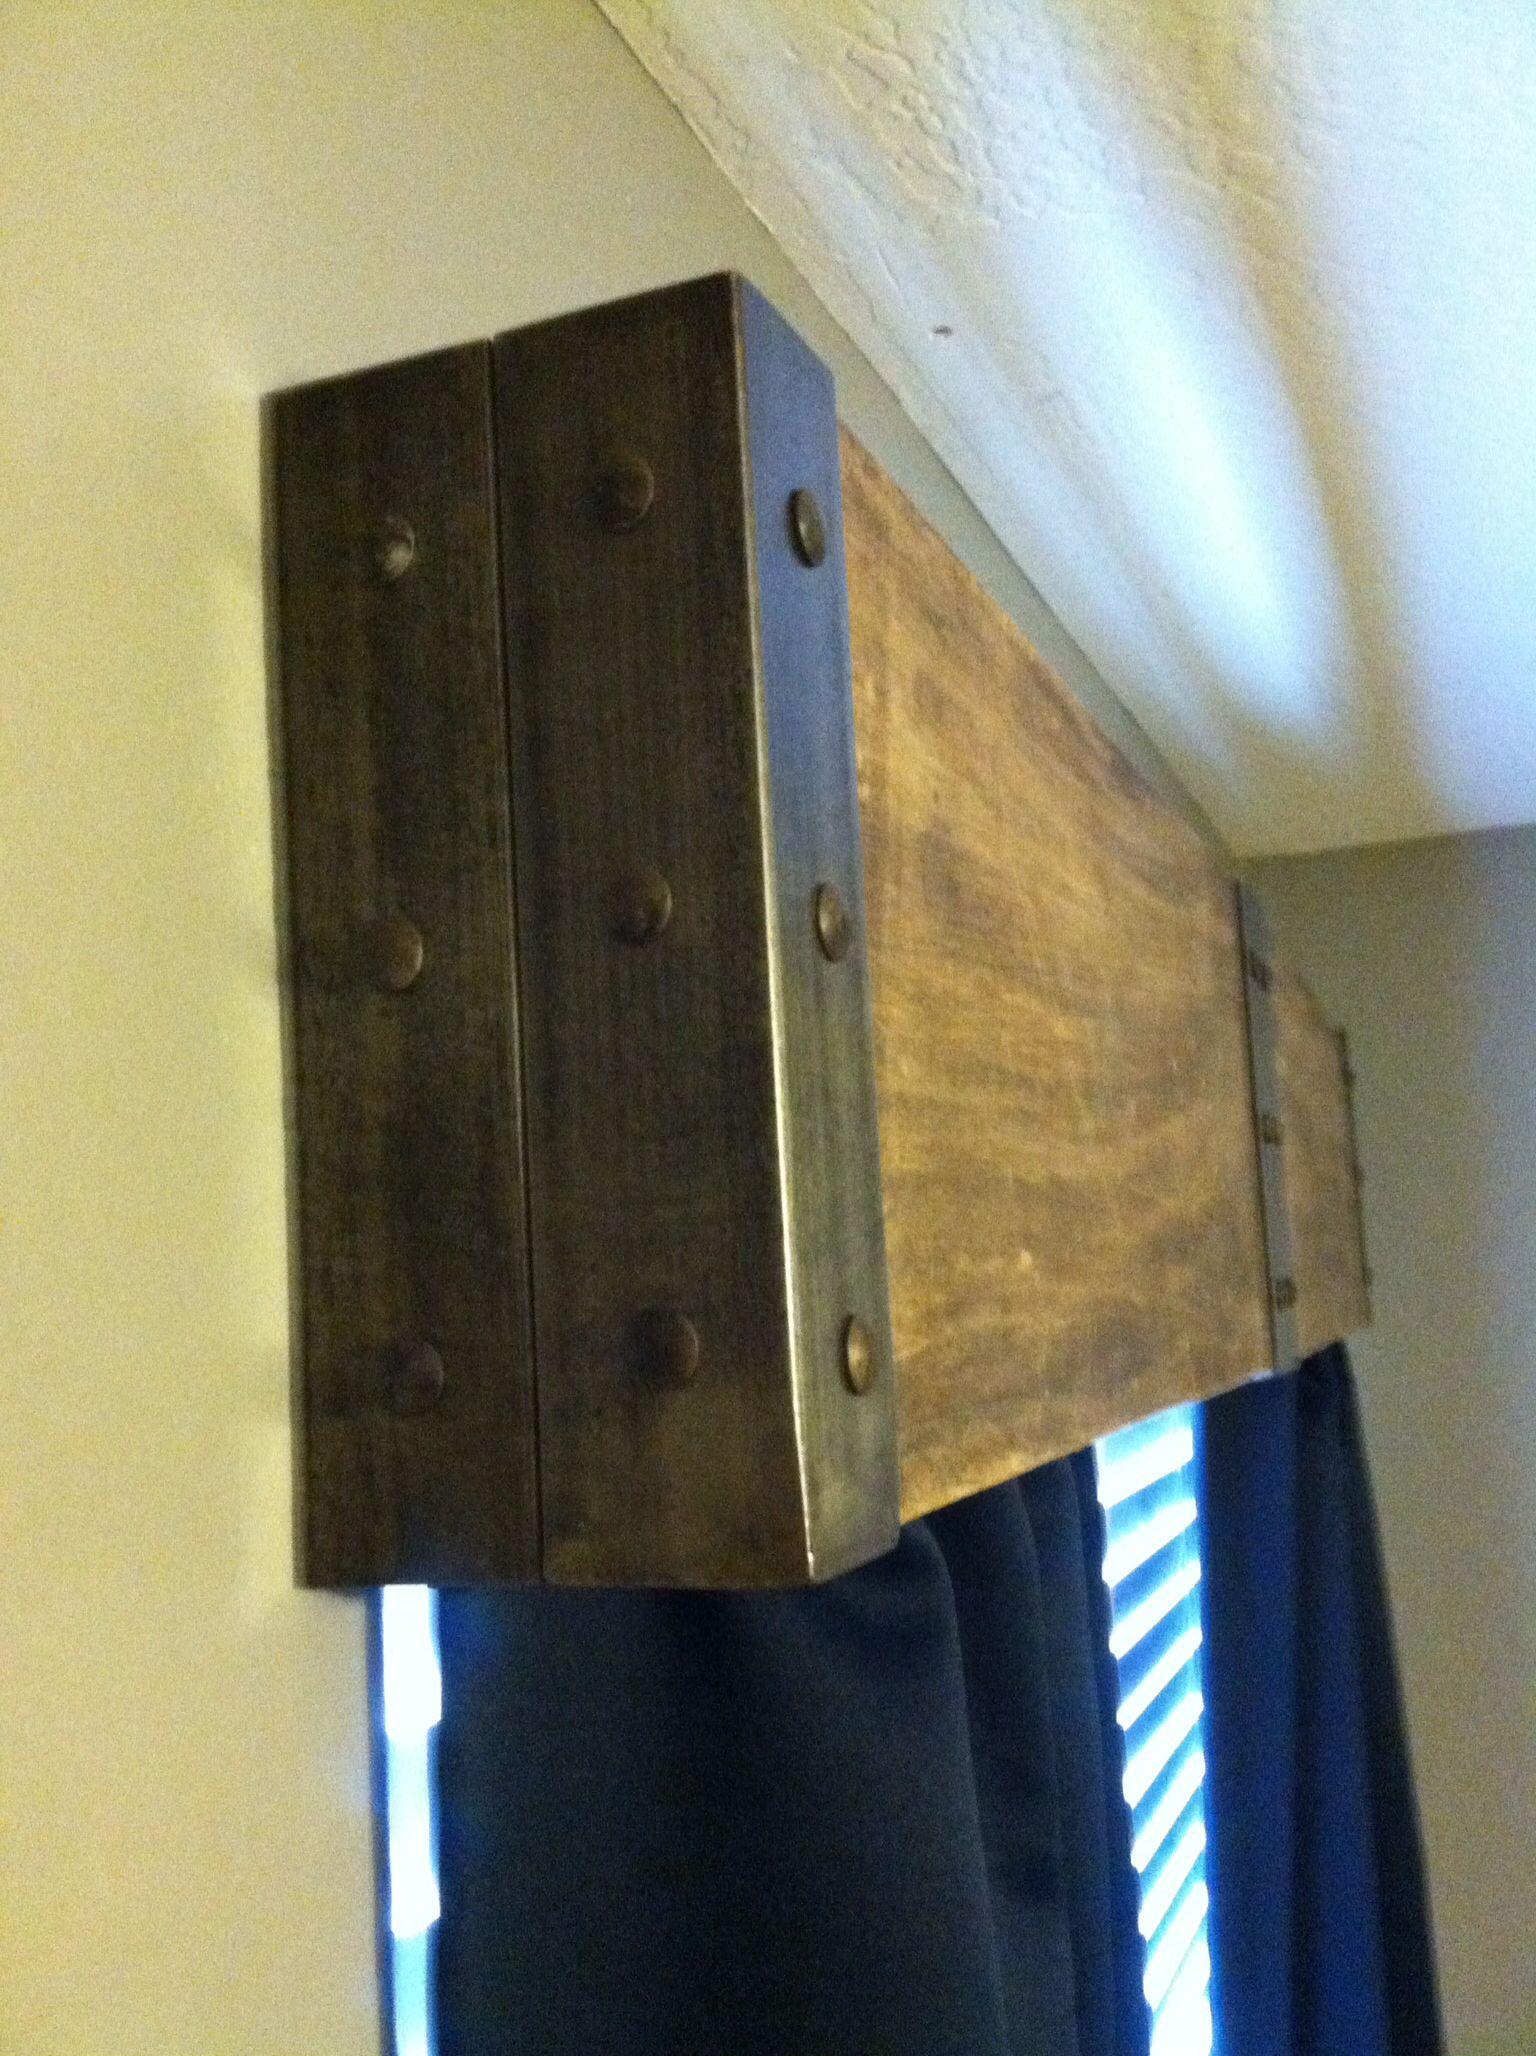 Custom metal and wood valance | DIY | Pinterest | Wood ...